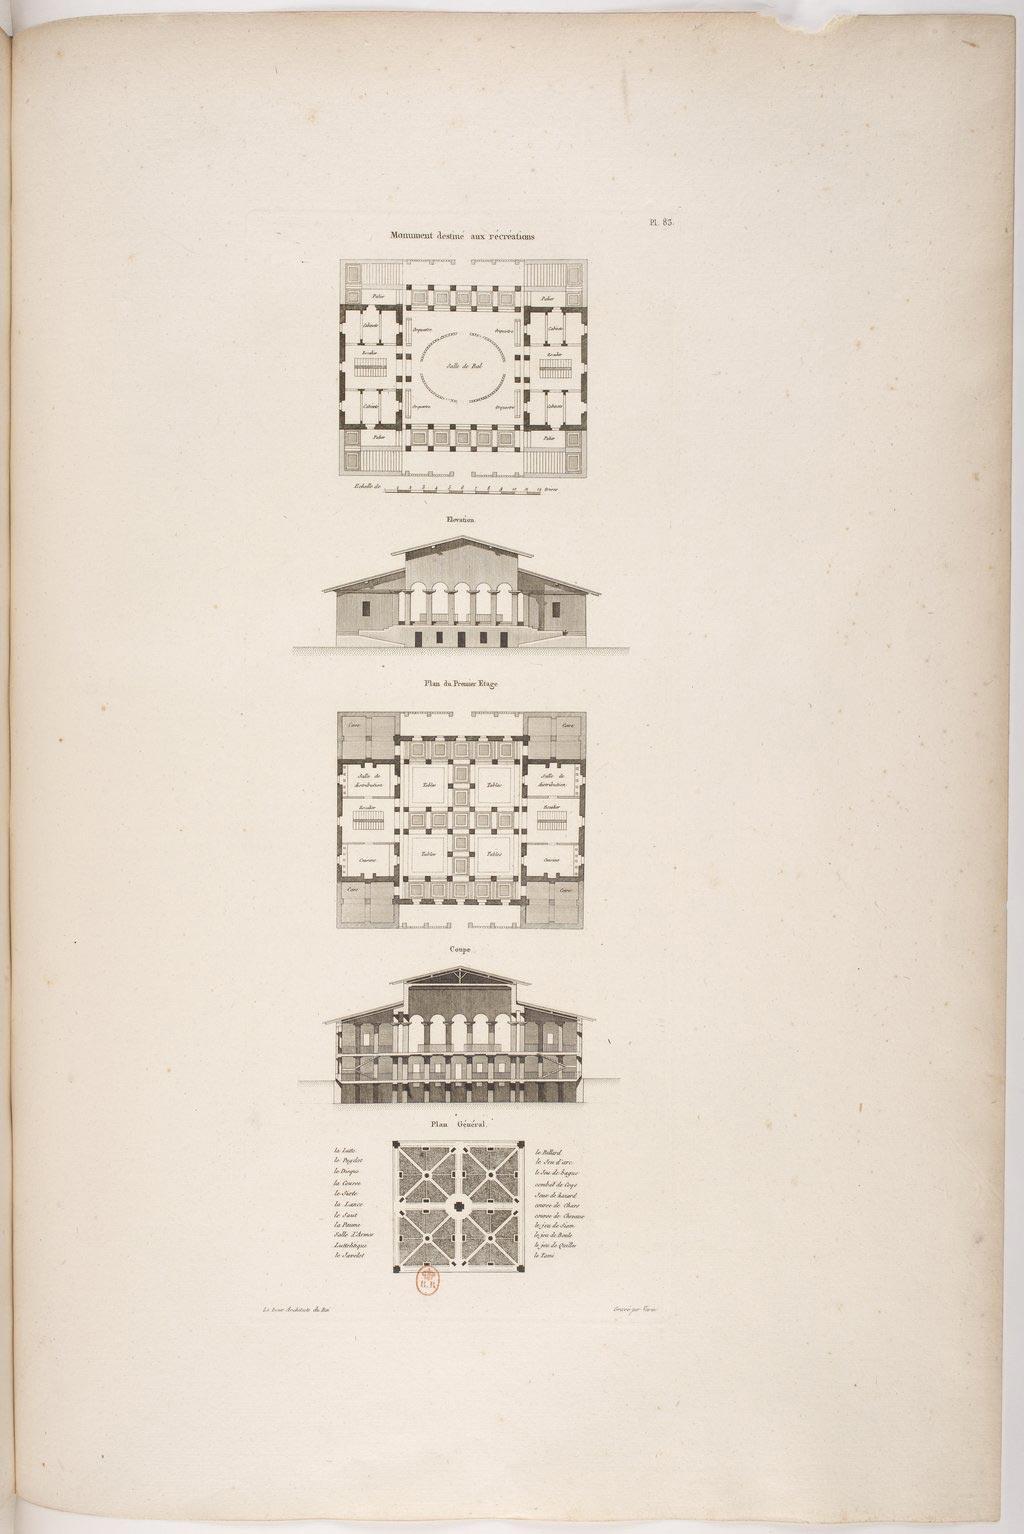 ledoux-claude-architecture-401